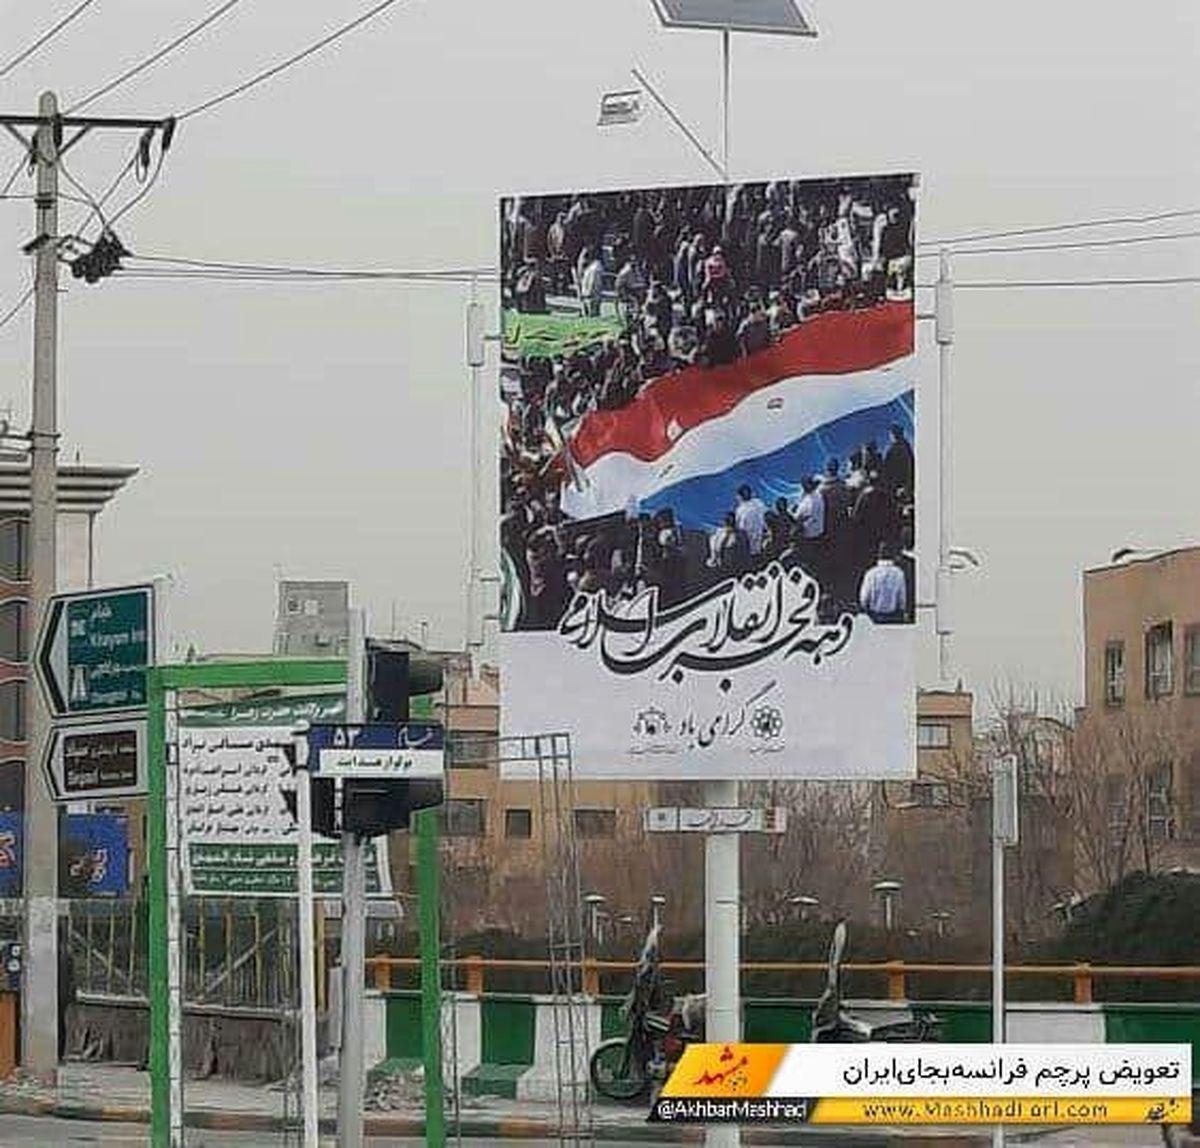 اقدامی عجیب در مشهد به مناسبت دهه فجر/ استفاده از پرچم فرانسه به جای پرچم ایران!